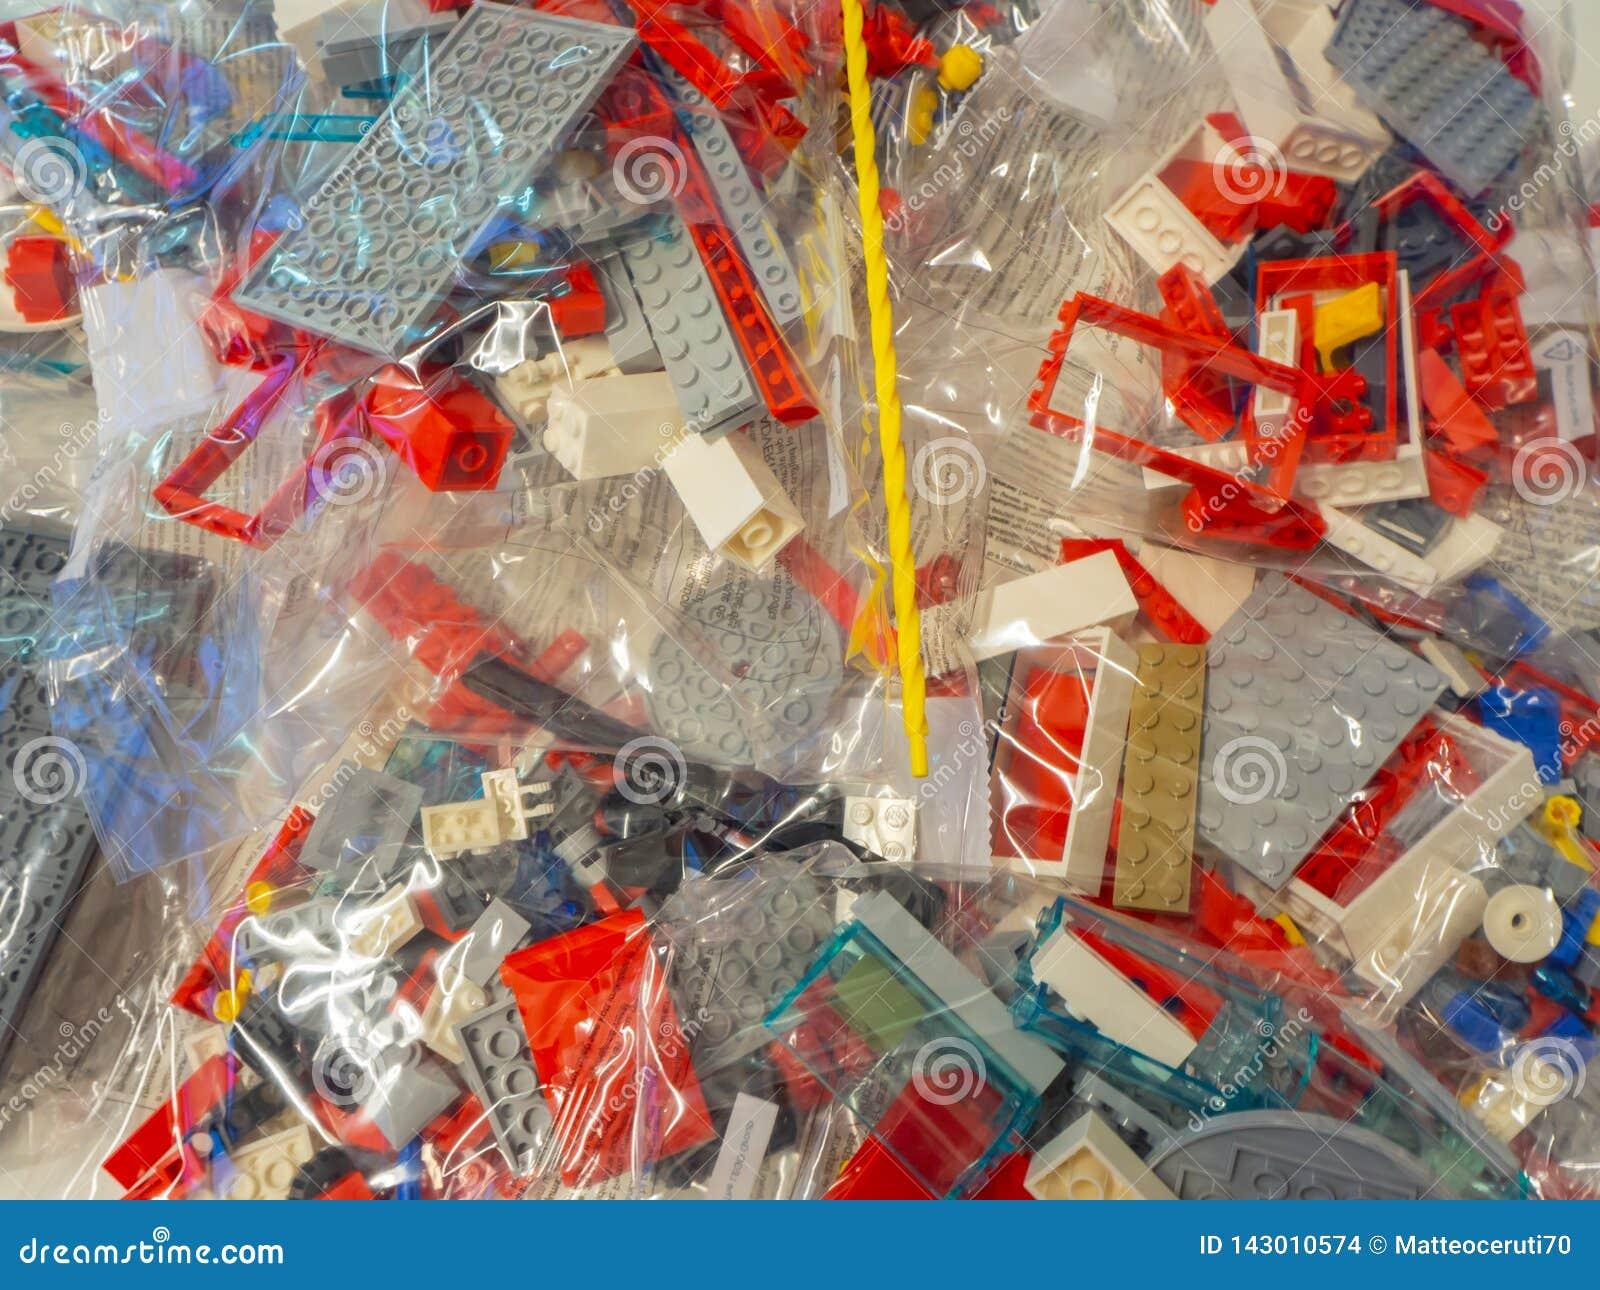 Sacs transparents avec des morceaux de LEGO à employer pour la construction de jouets